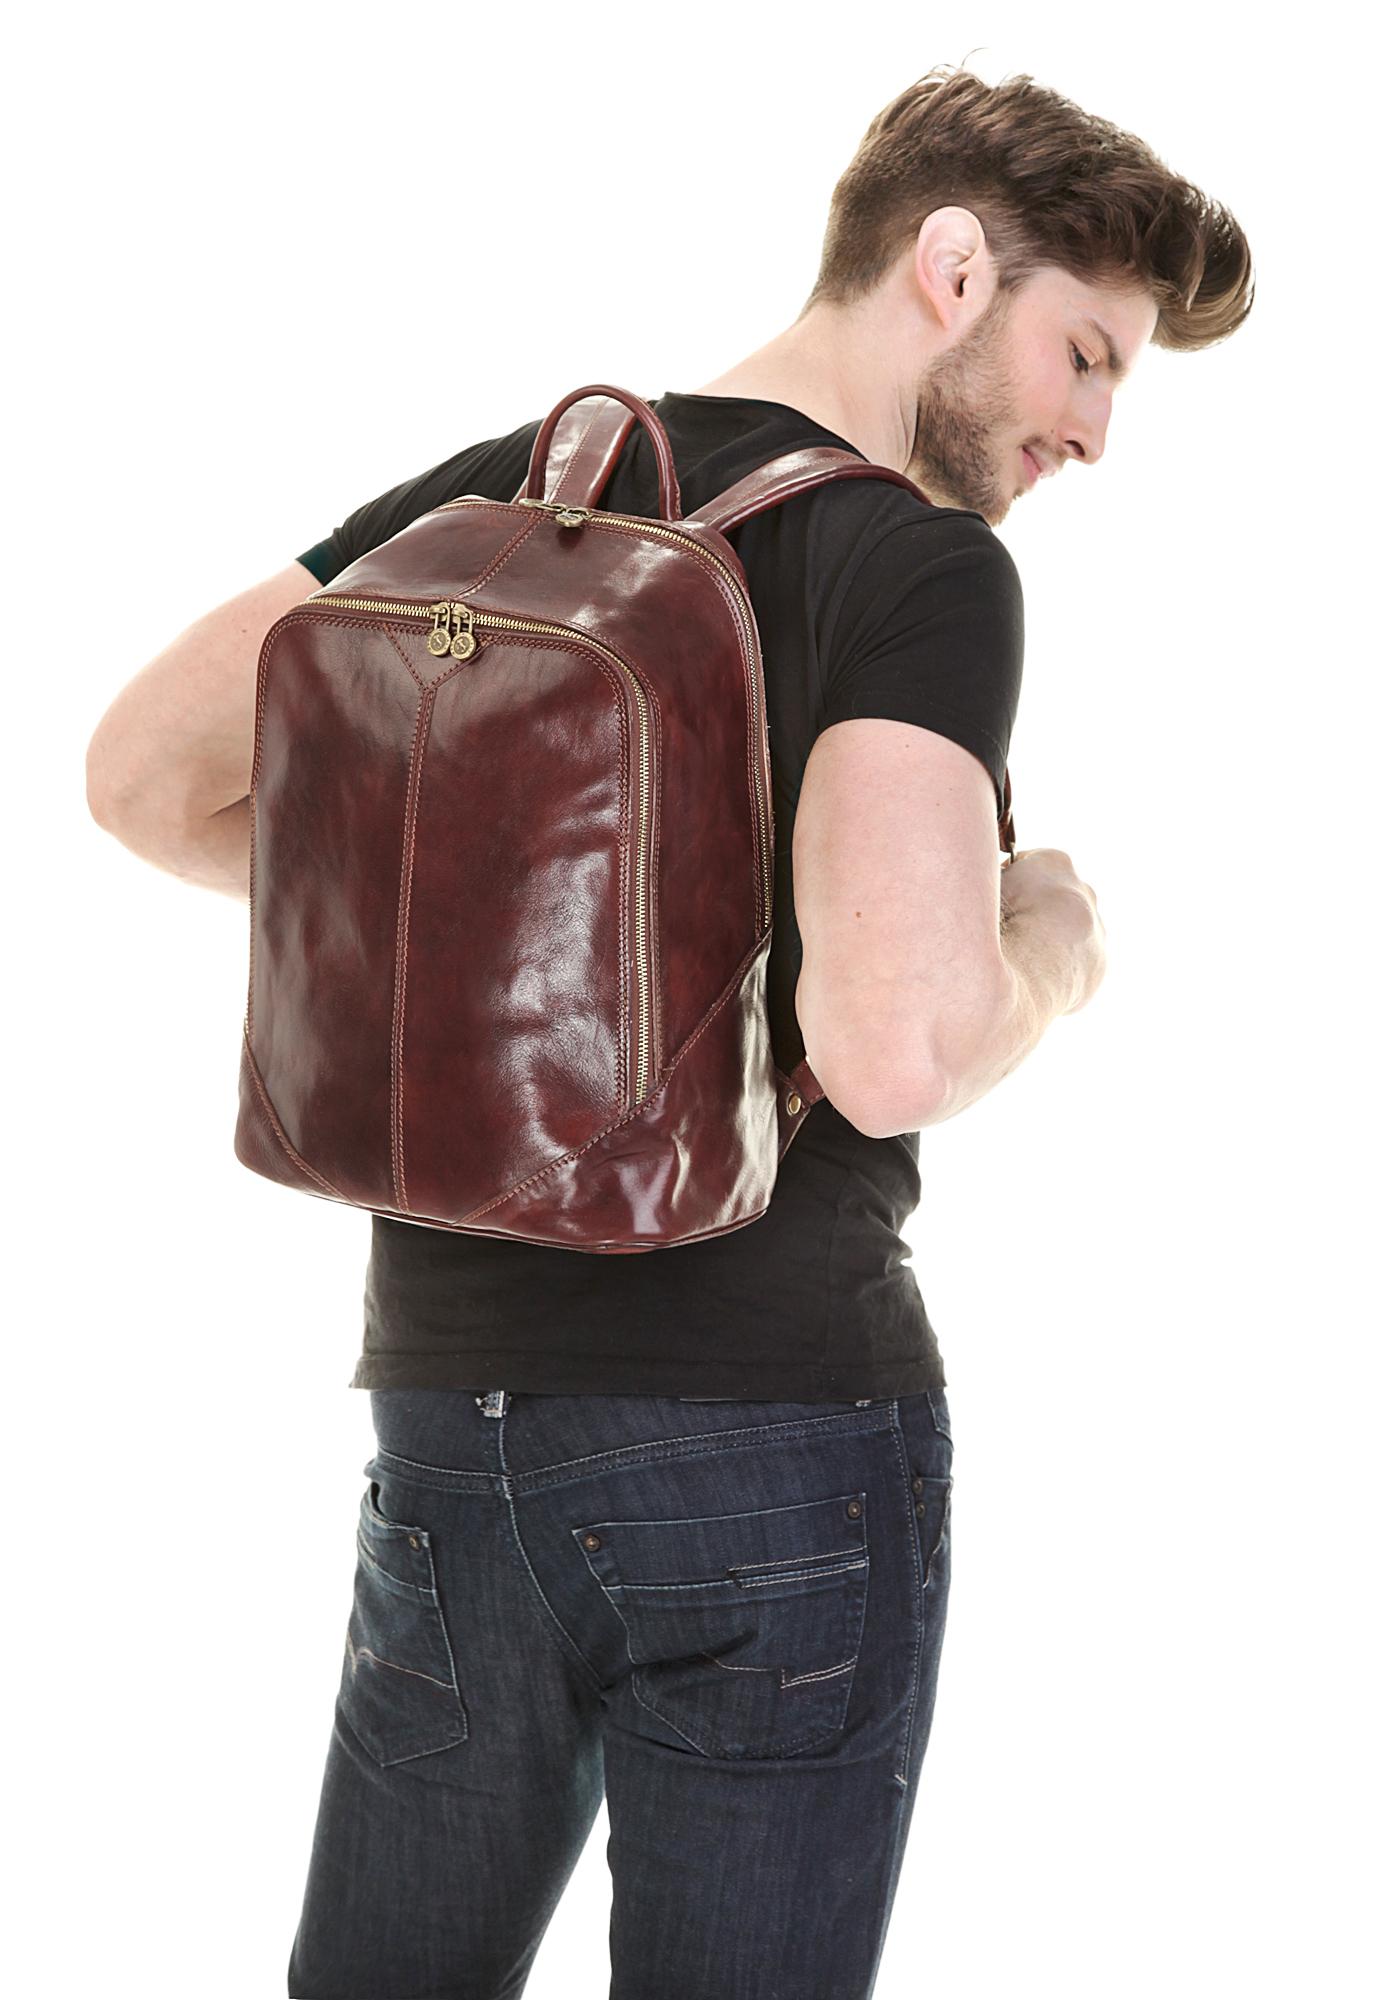 Piké City-Rucksack in braun günstig kaufen